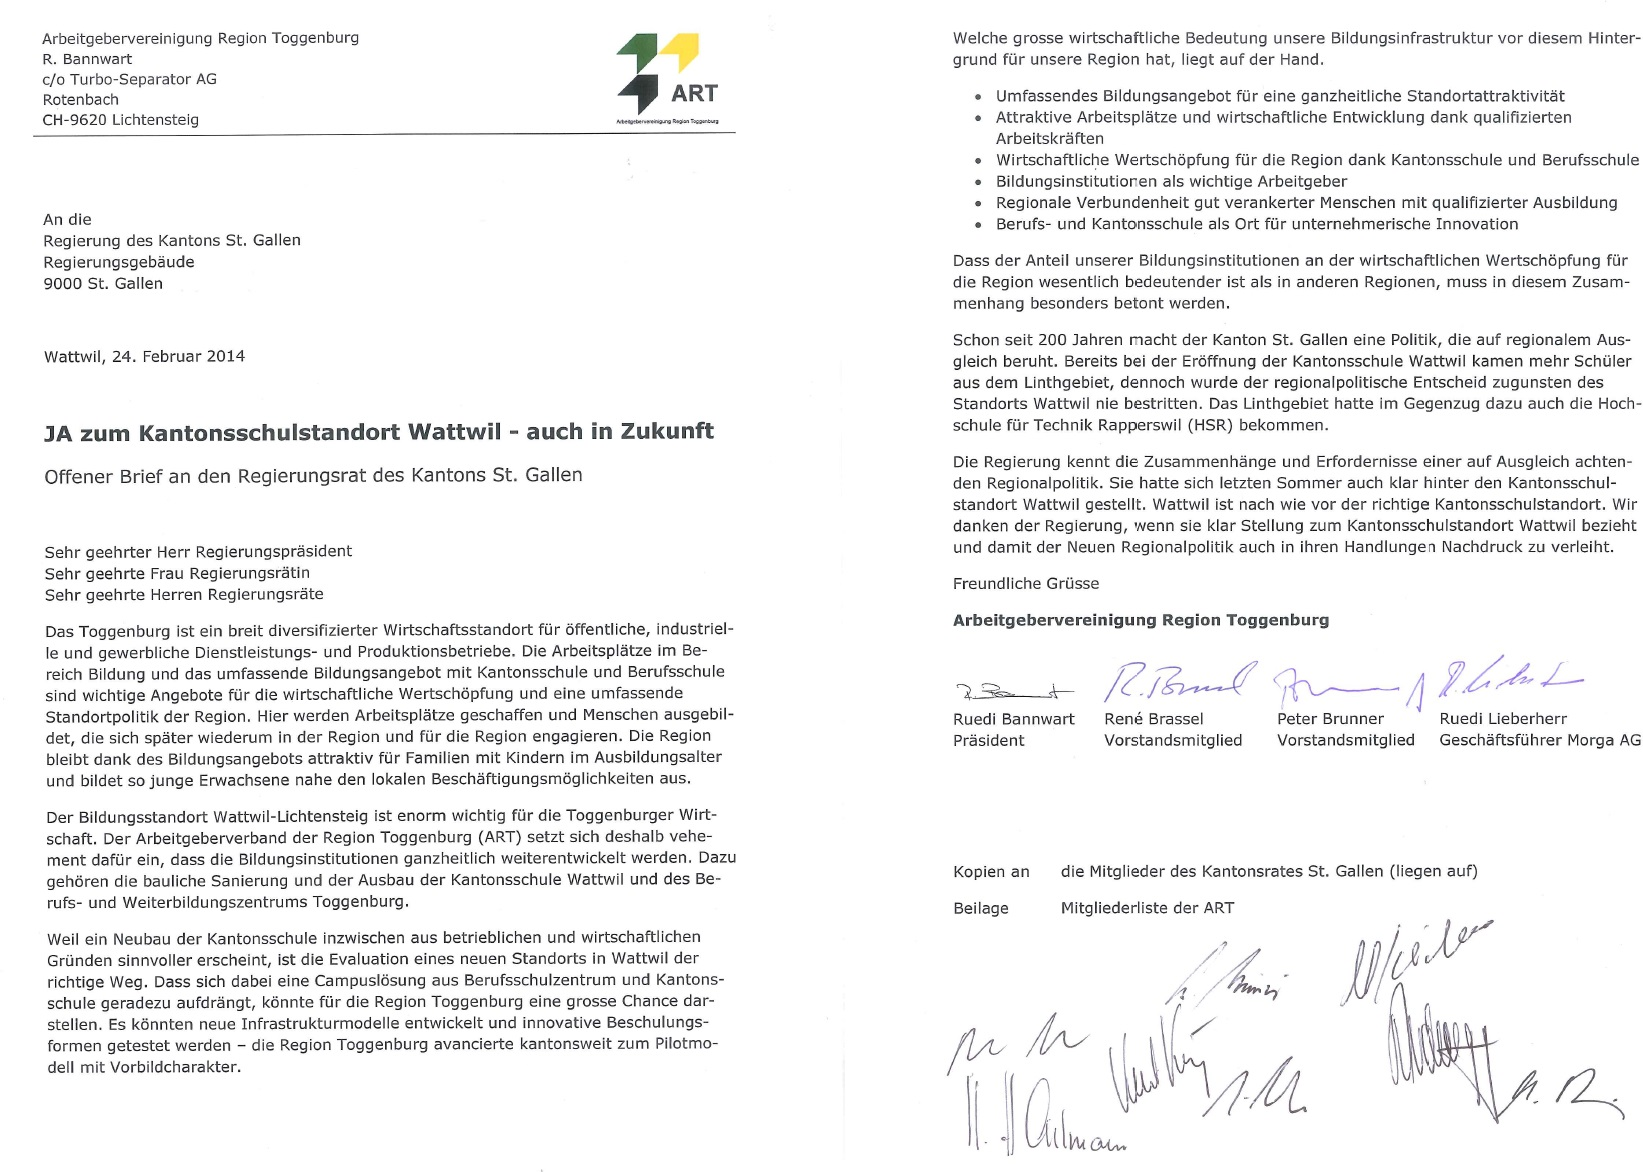 Offener Brief: JA zum Kantonsschulstandort Toggenburg - auch in Zukunft (Dienstag, 25.02.2014)